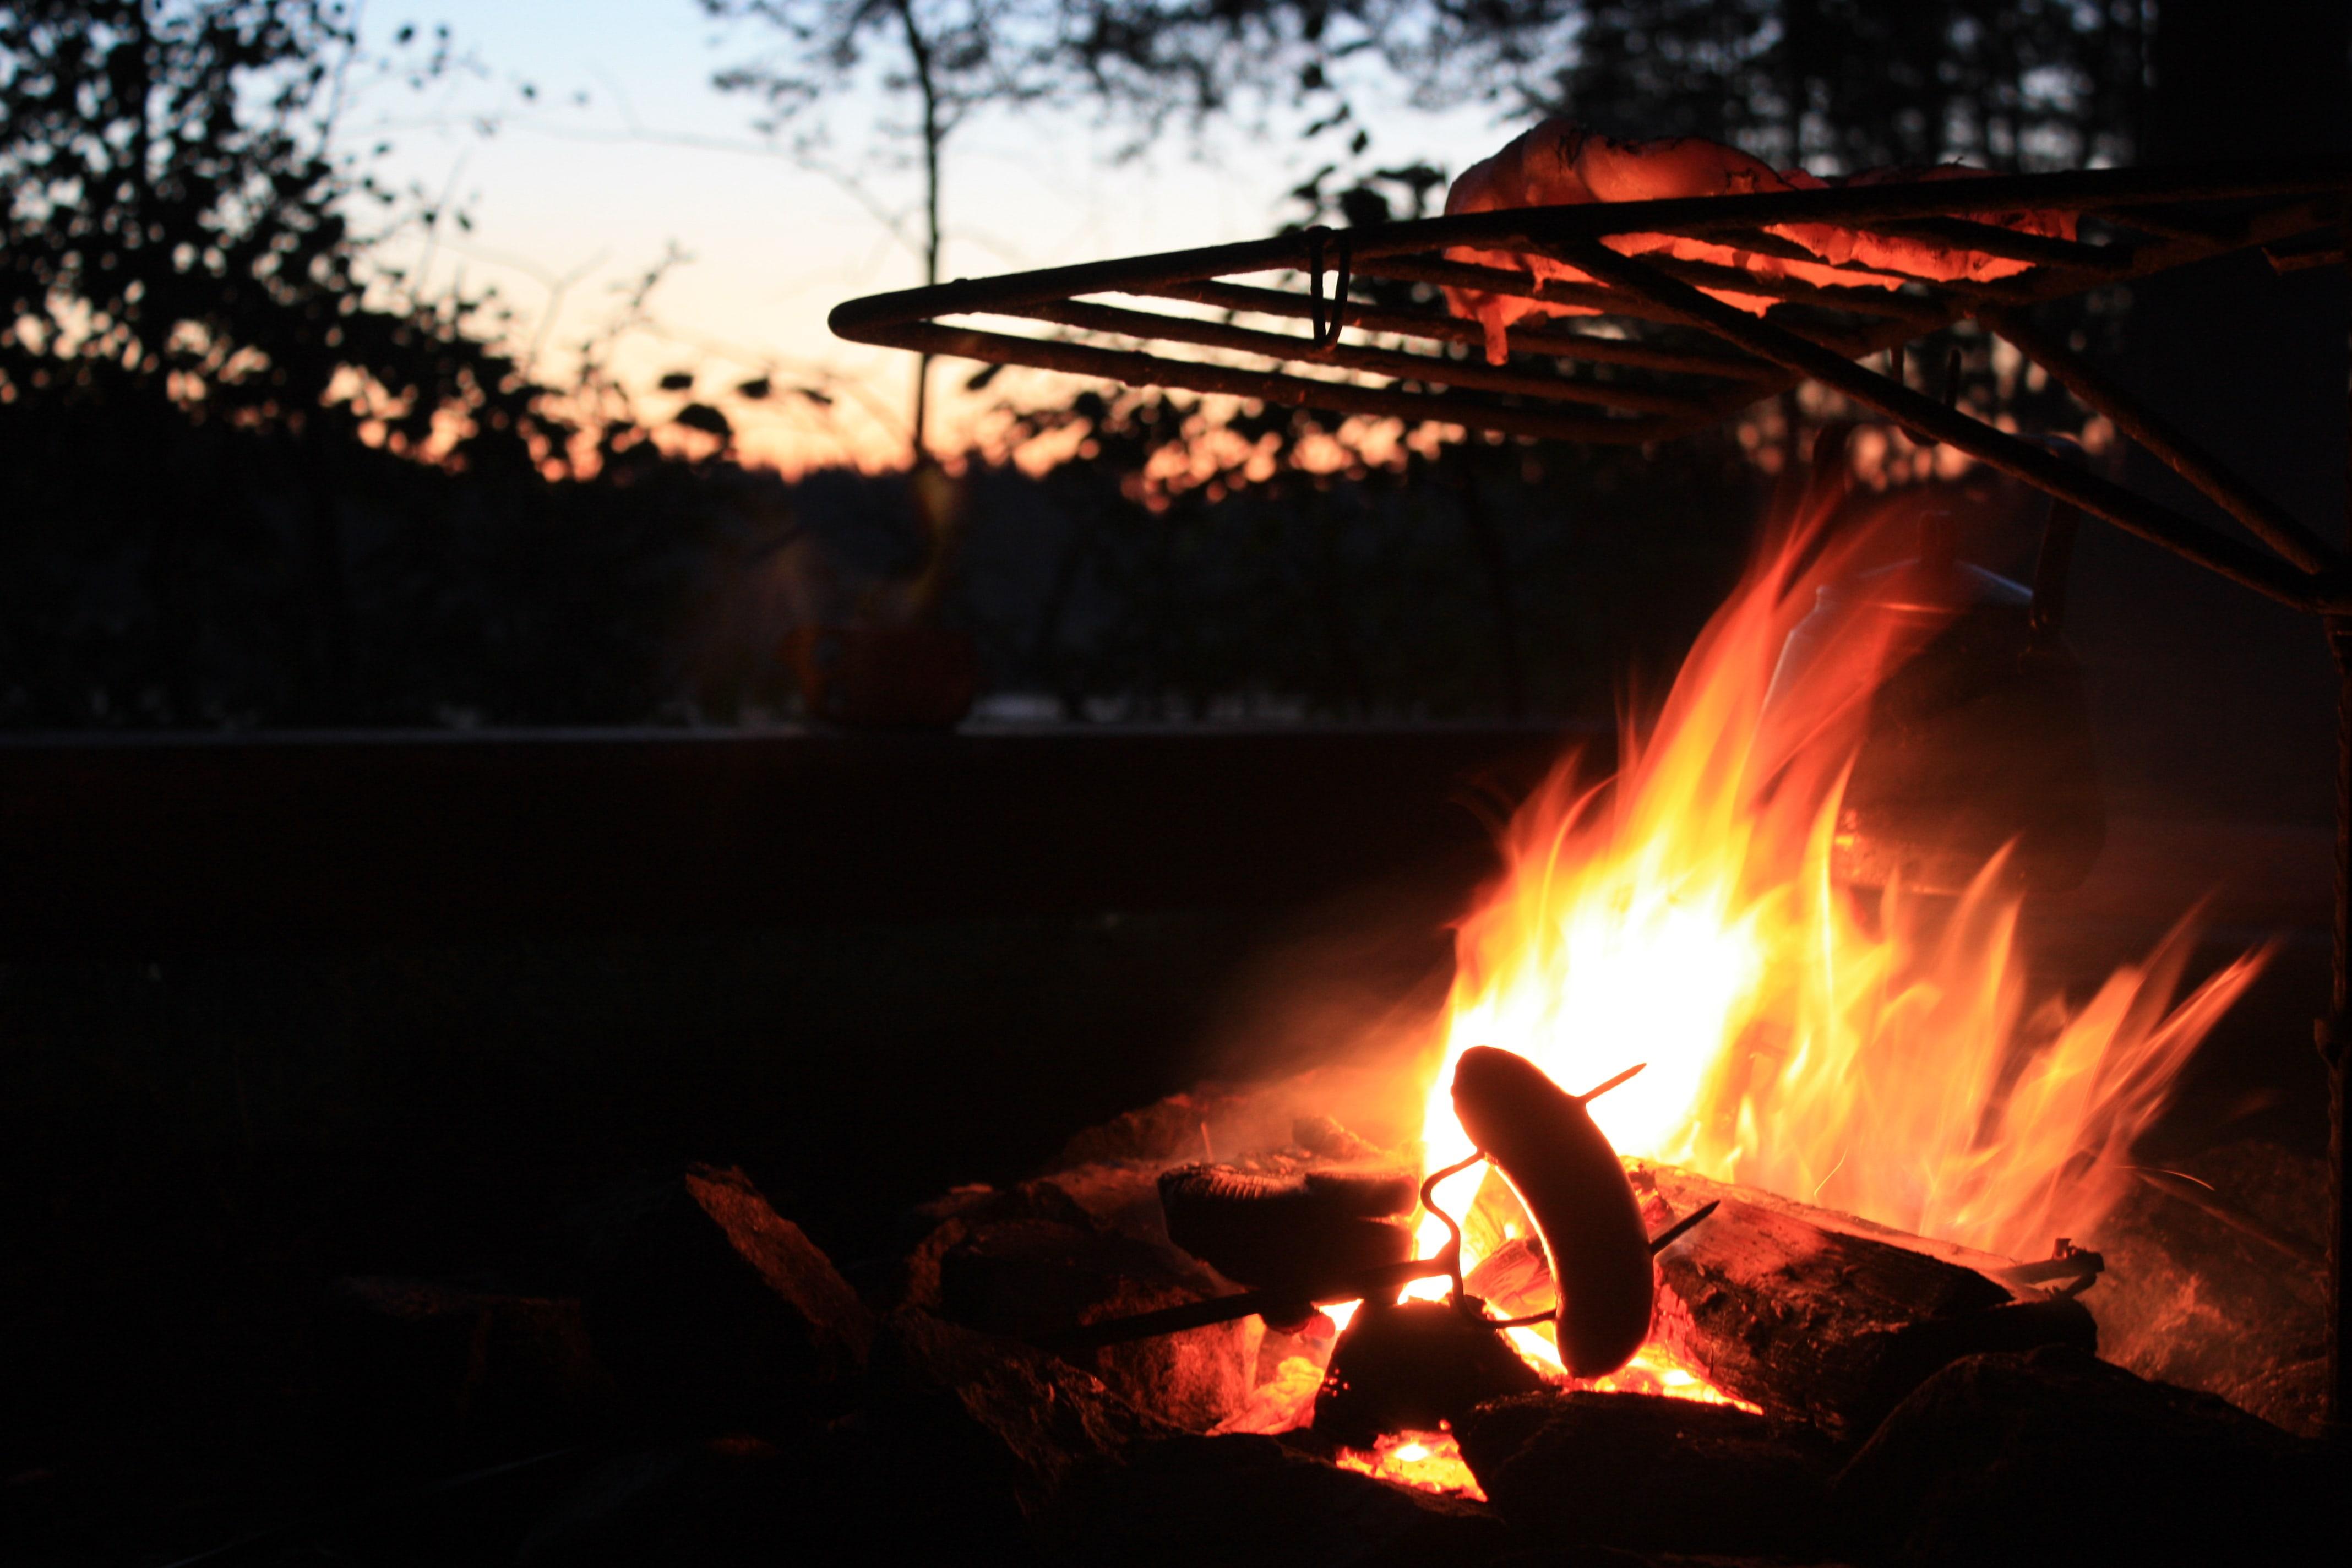 Fireplace en Finlande